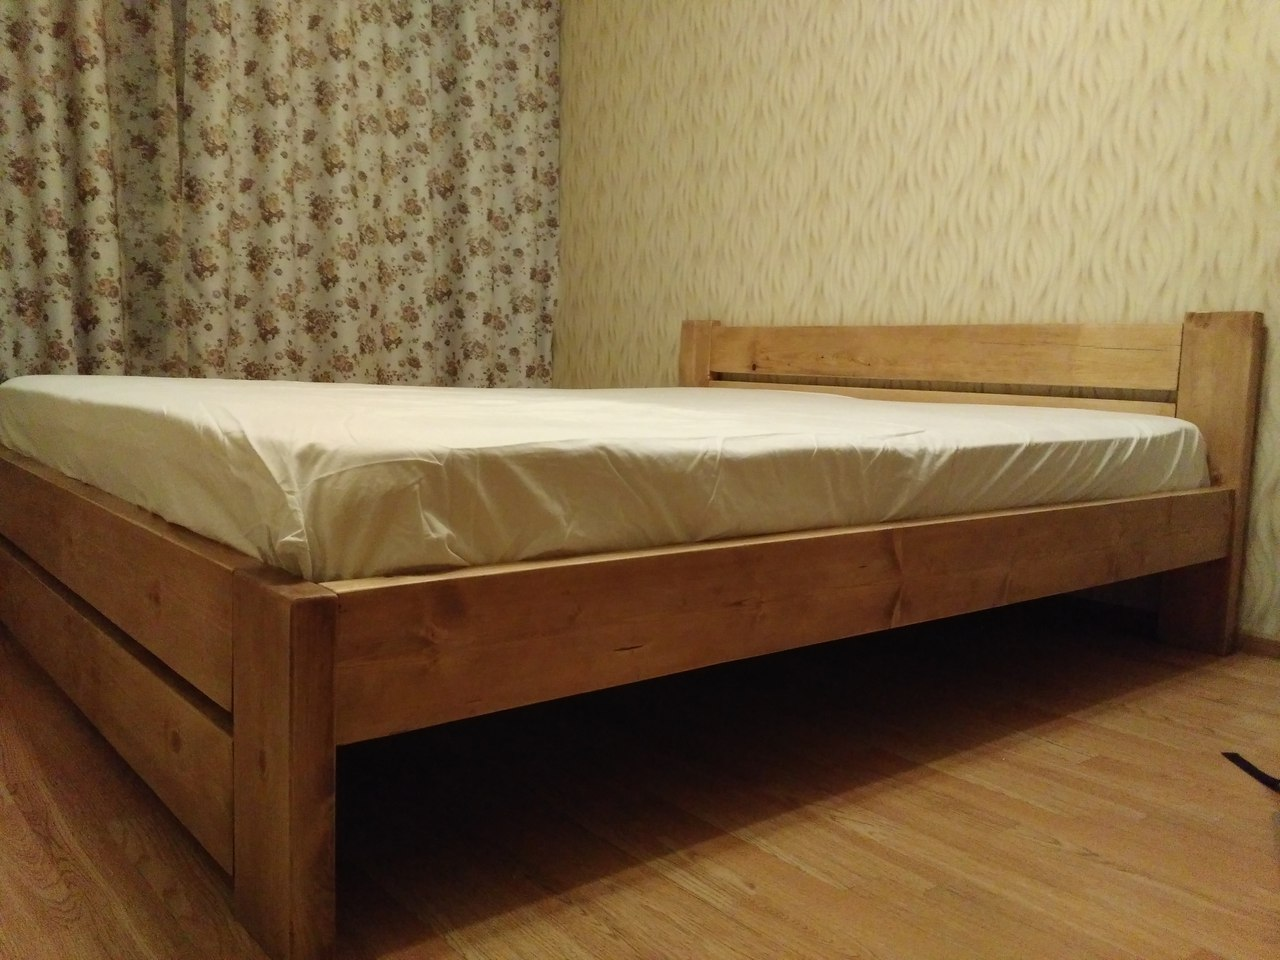 Кровать от Ярослава Руцкого из Санкт-Петербурга